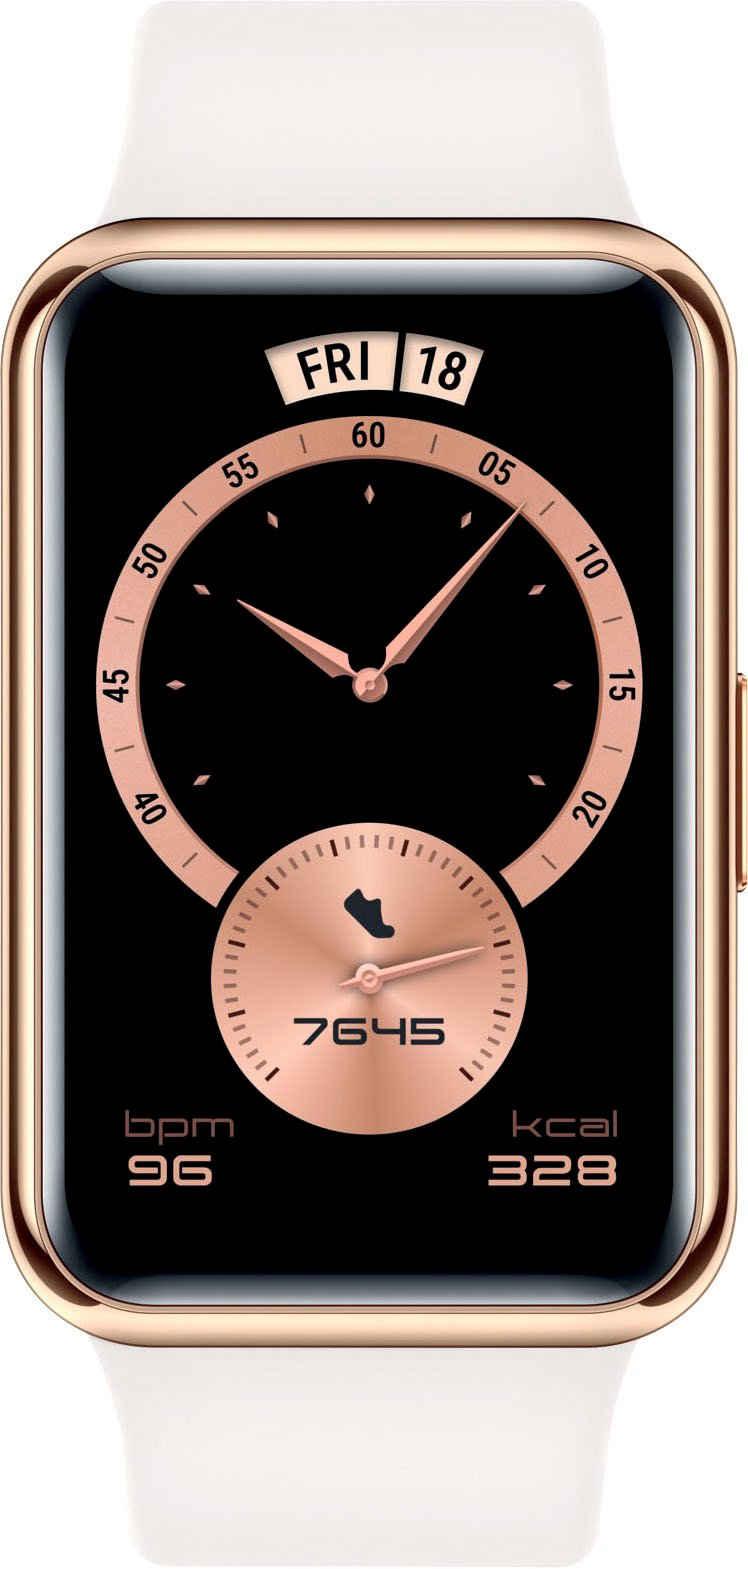 Huawei WATCH FIT Elegant Edition Smartwatch (4,17 cm/1,64 Zoll, Proprietär), 24 Monate Herstellergarantie